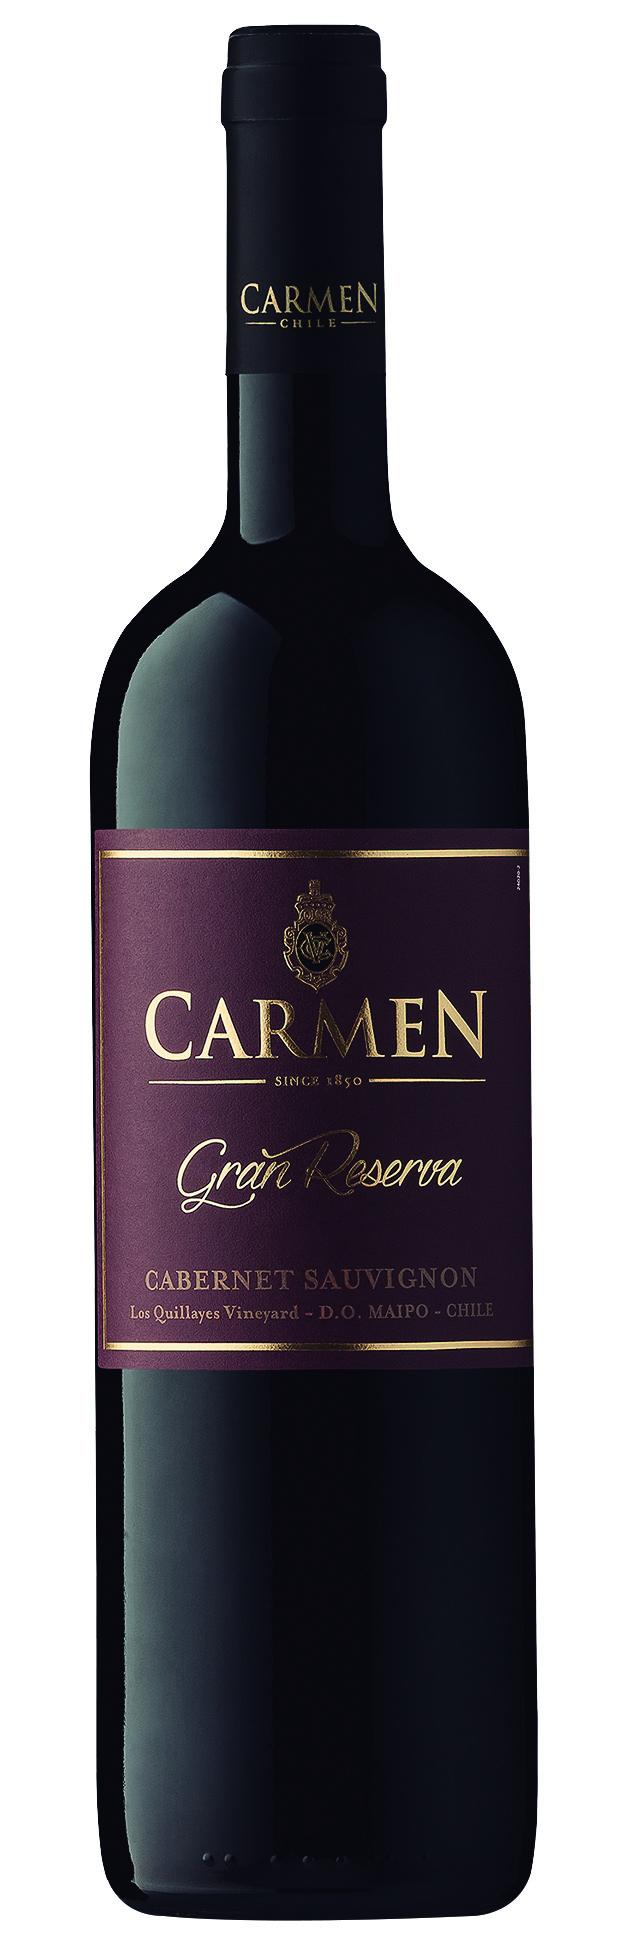 Carmen Gran Reserva Cabernet Sauvignon 750ml